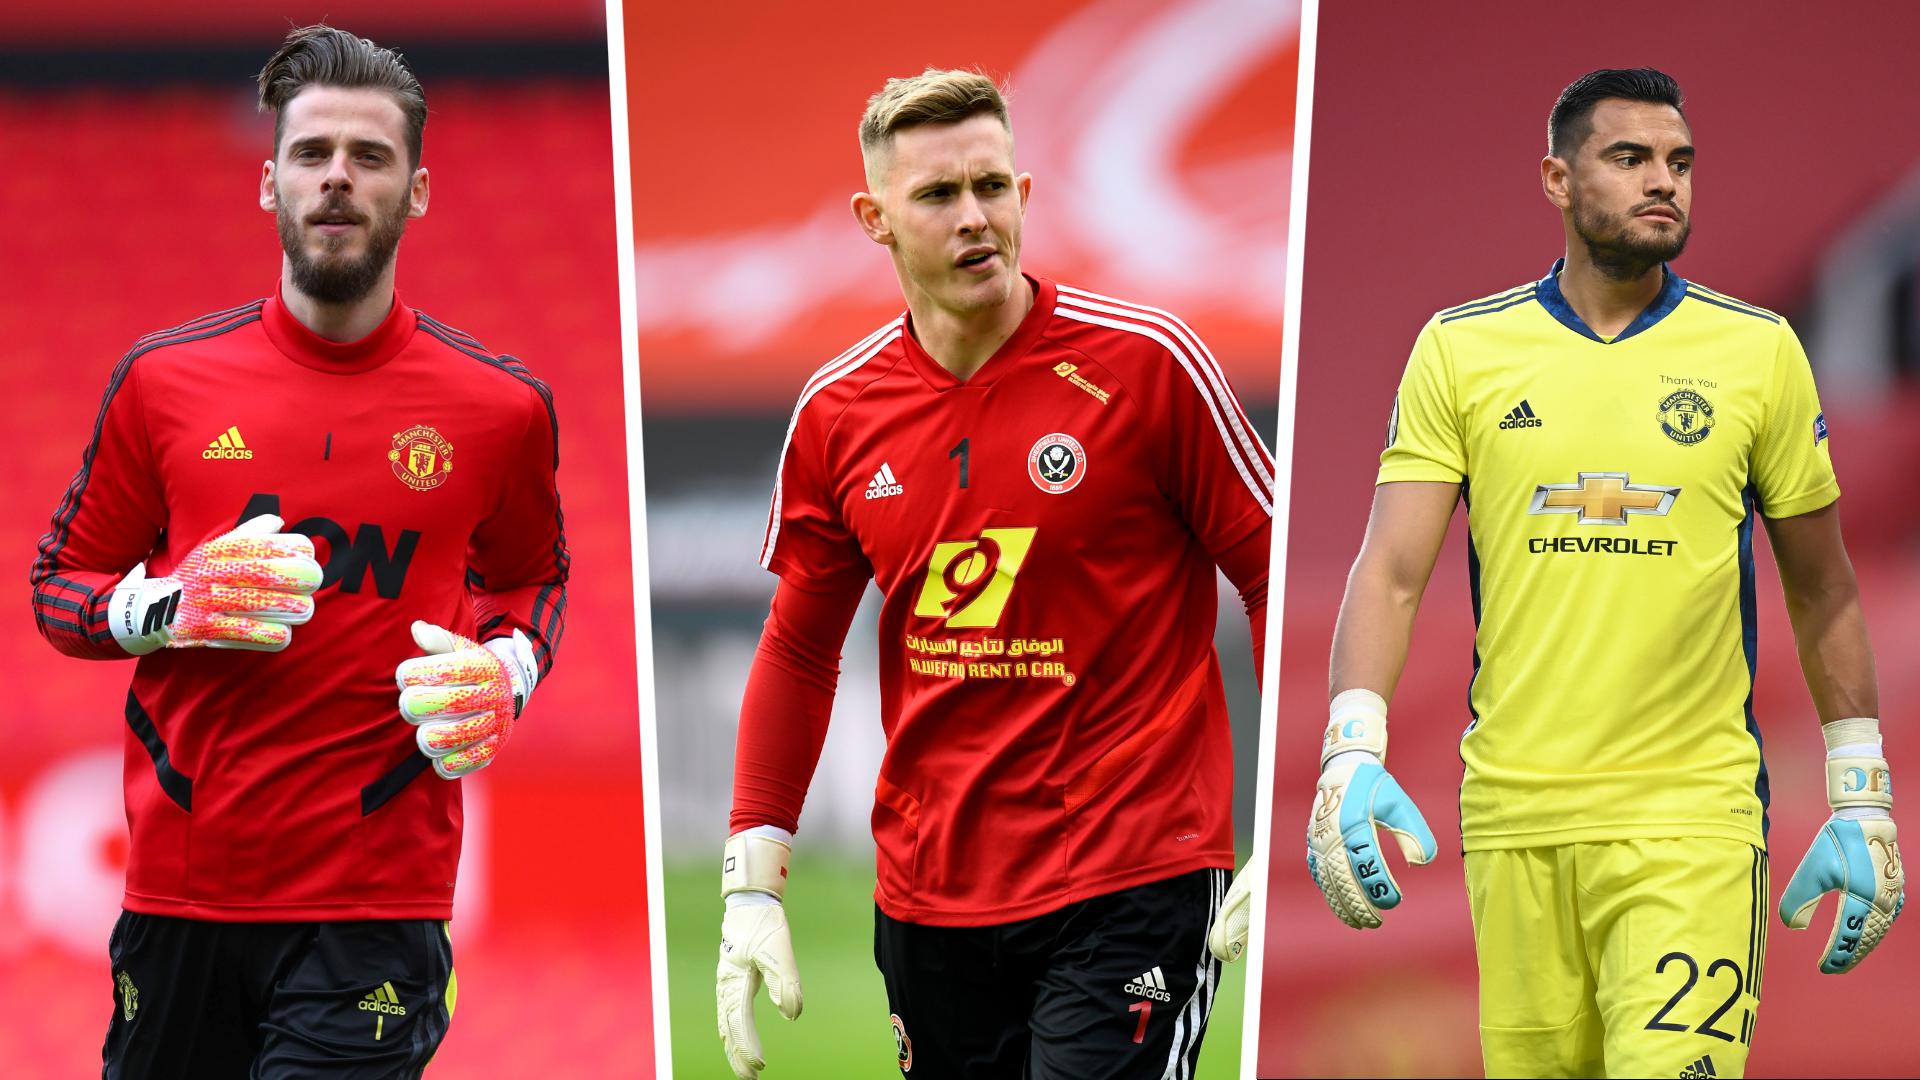 Stávající trojice brankářů v kádru Manchesteru United